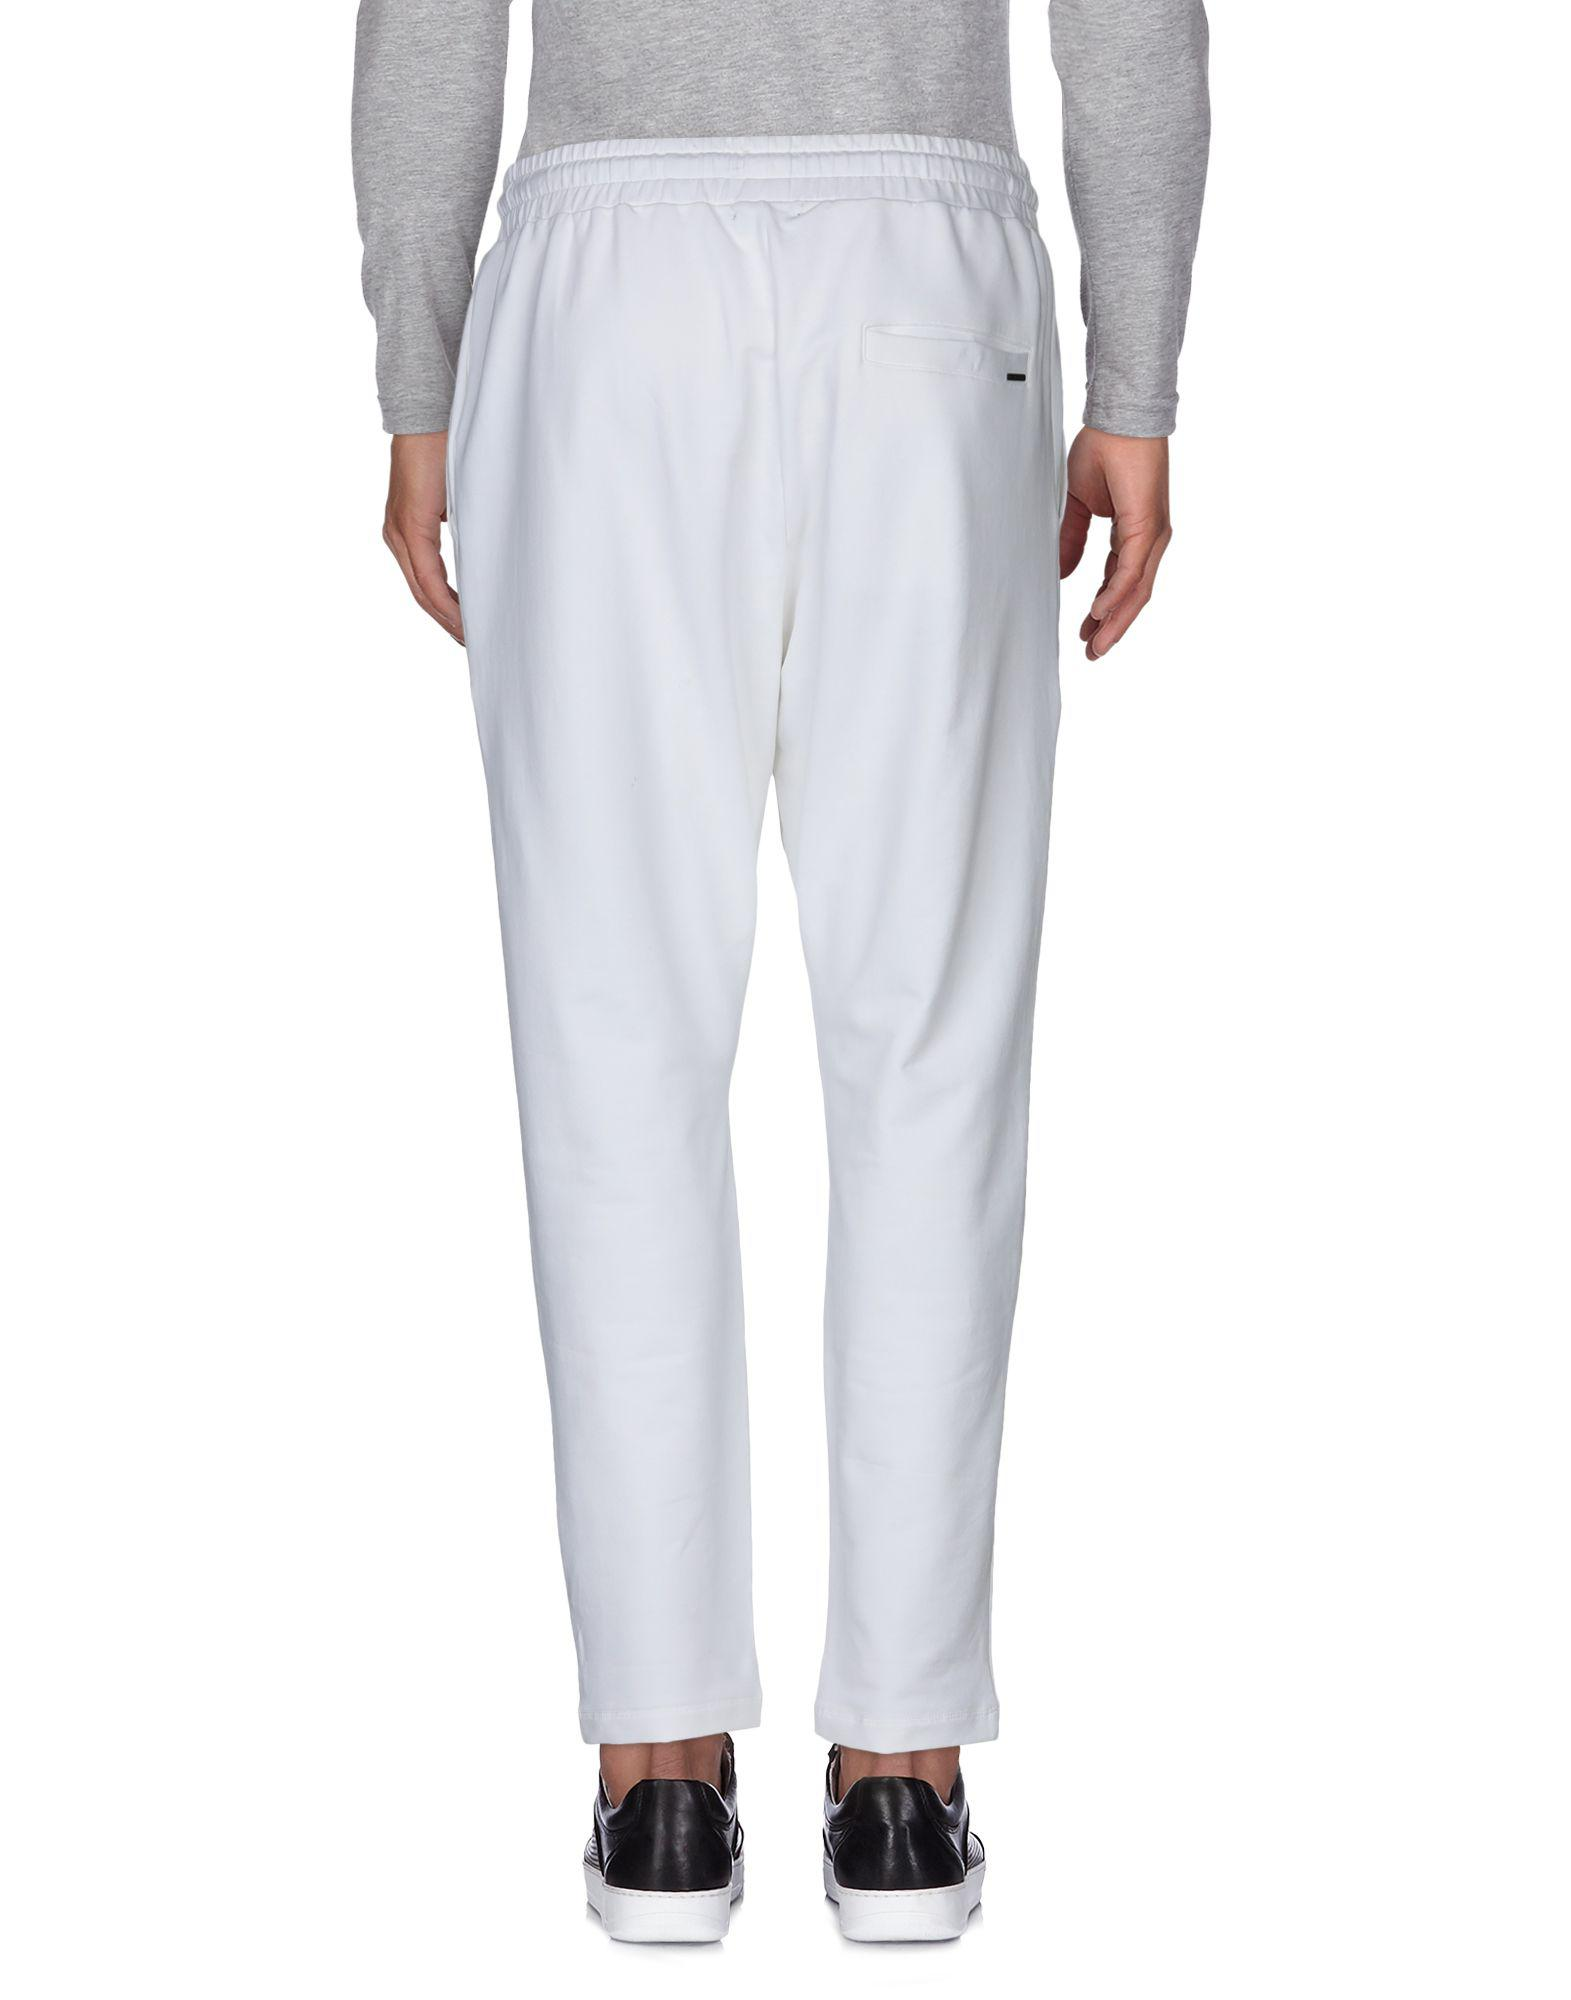 Antony Morato Fleece Casual Pants in White for Men